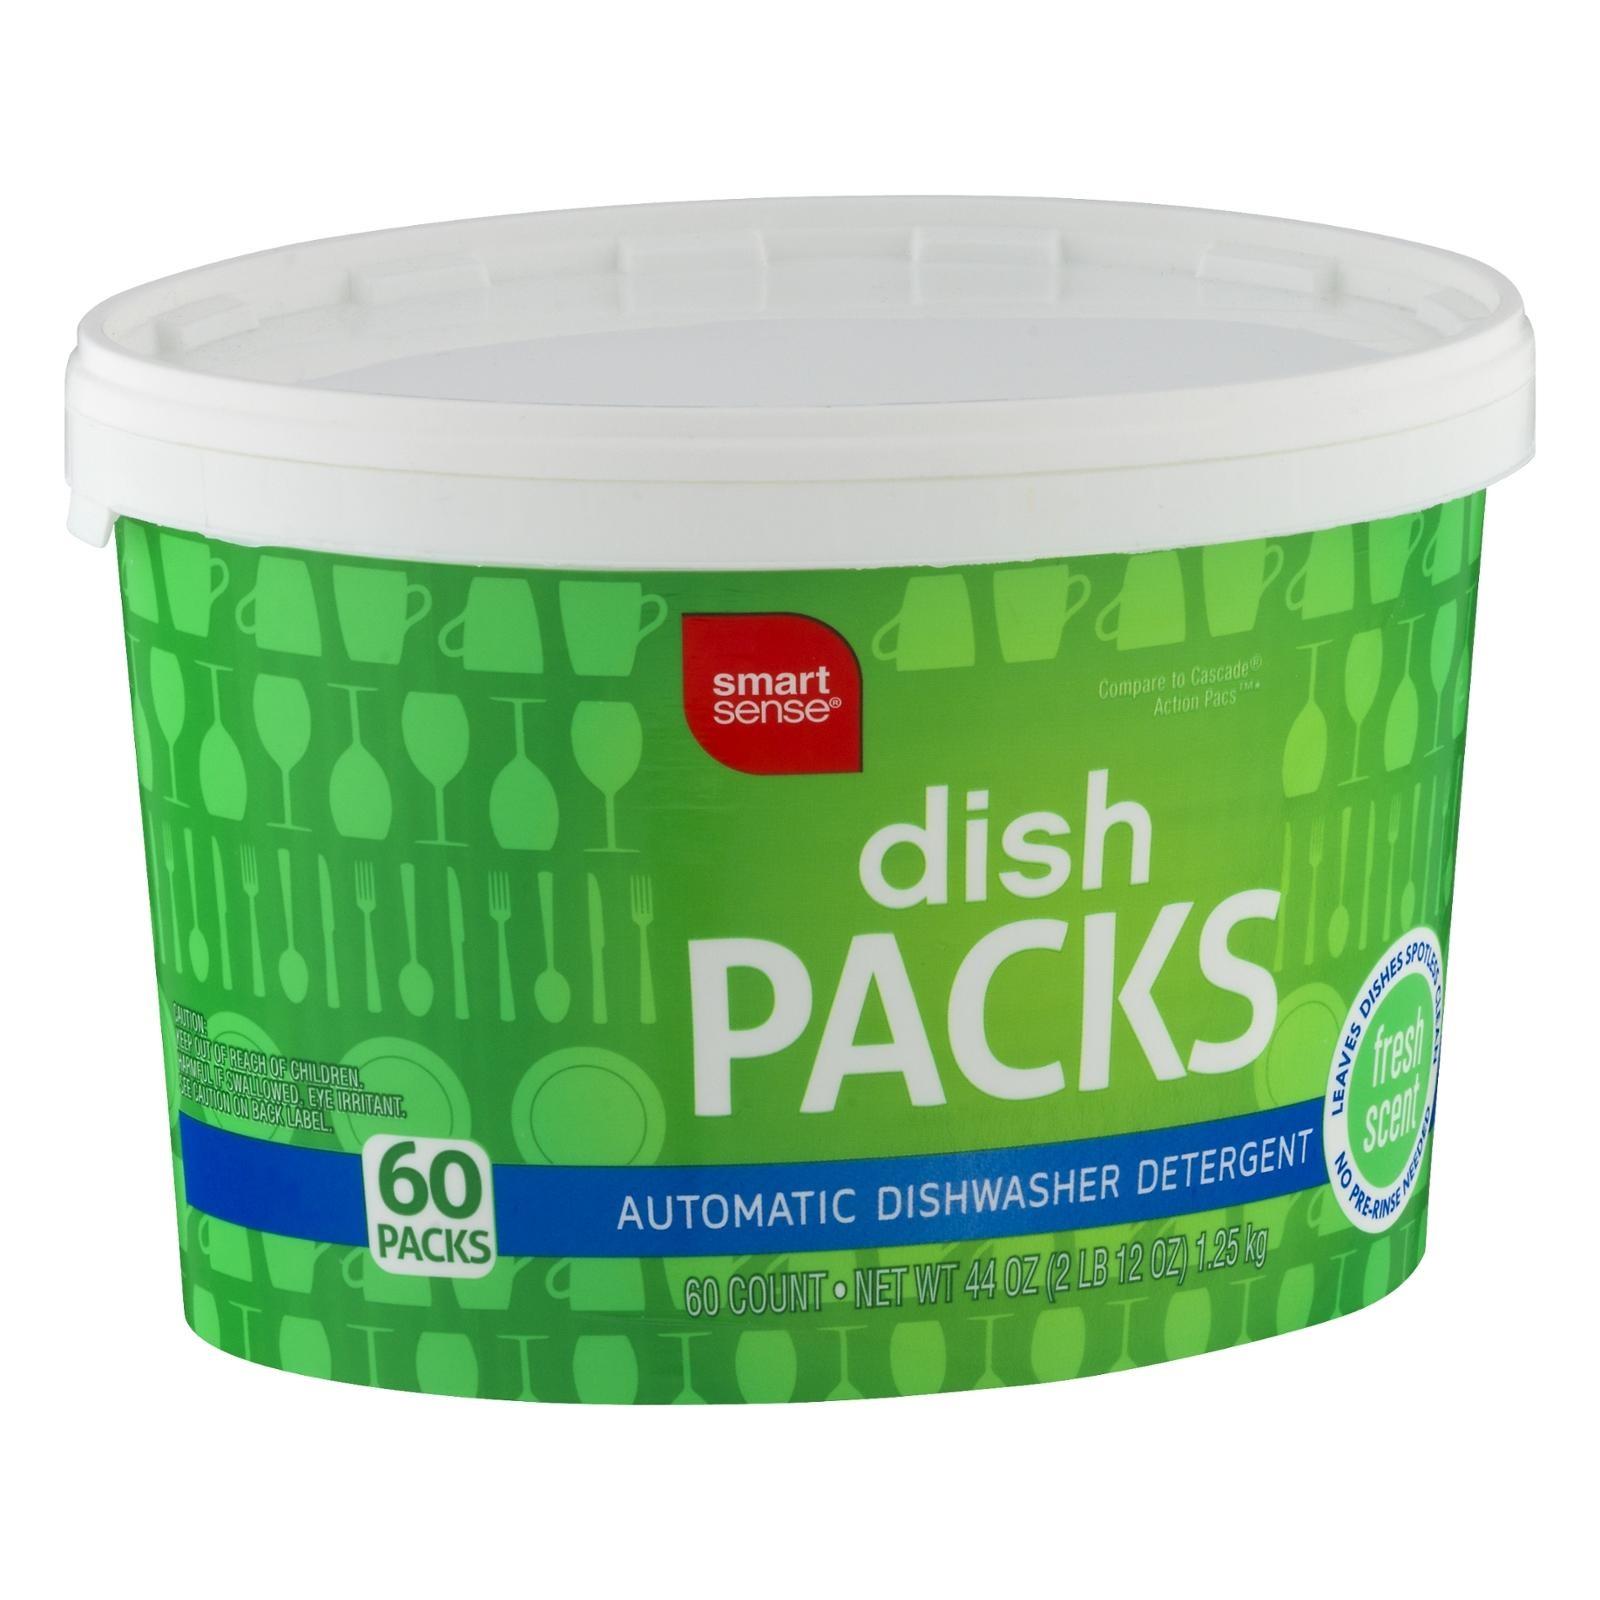 What Dishwasher Fresh Detergent